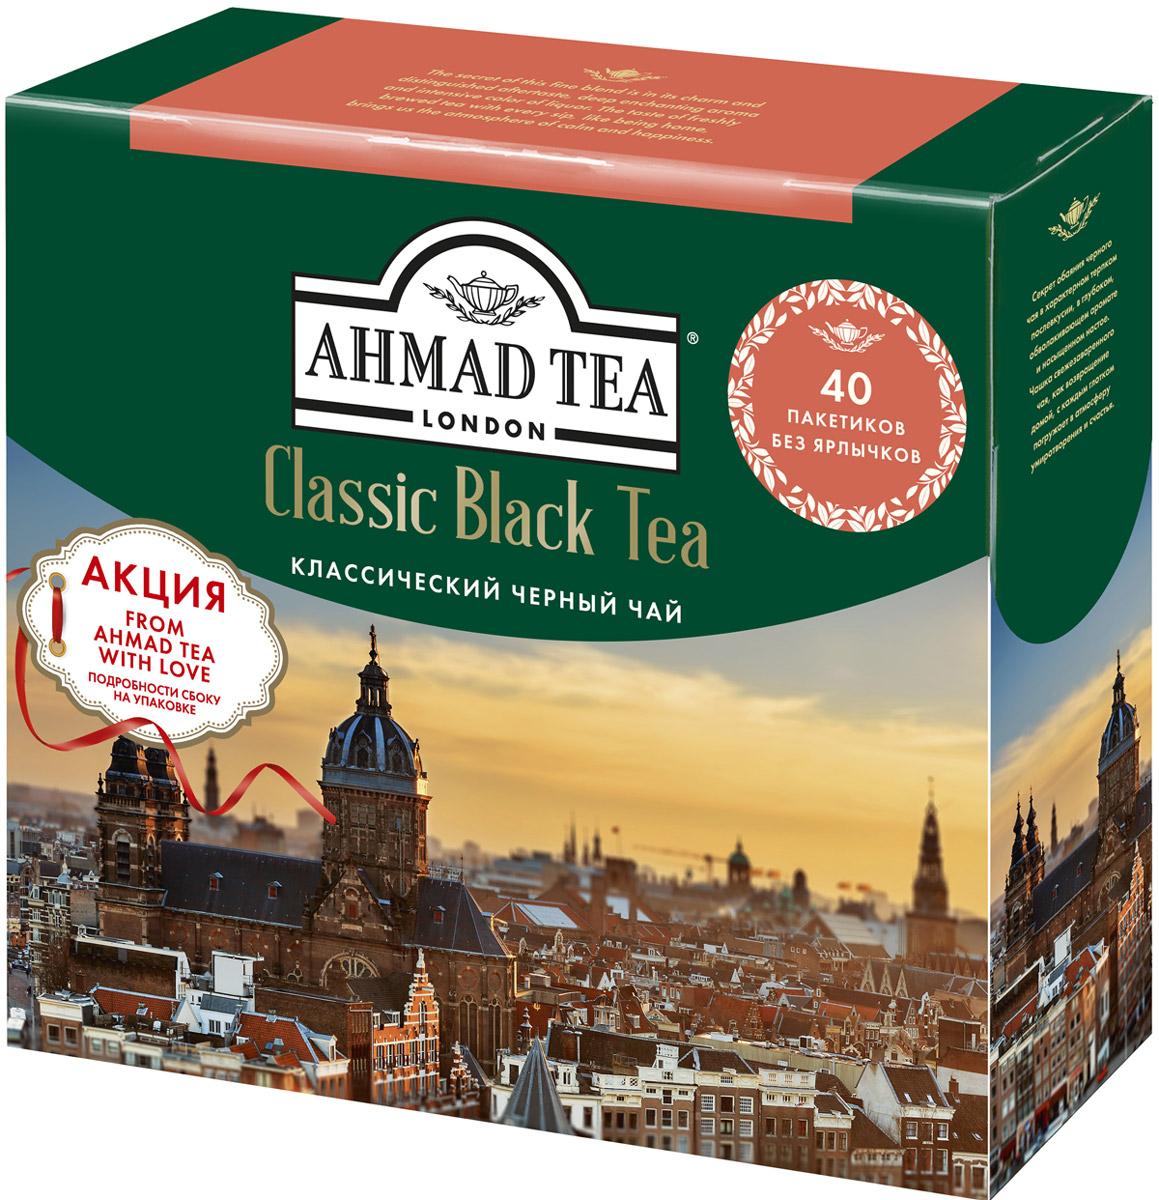 Ahmad Tea Классический черный чай в пакетиках, 40 шт1583LYСекрет обаяния классического черного чая Ahmad Tea - в характерном терпком послевкусии, в глубоком, обволакивающем аромате и насыщенном настое. Чашка свежезаваренного чая - как возвращение домой, с каждым глотком погружает в атмосферу умиротворения и счастья.Заваривать 3 - 5 минут, температура воды 100°С.